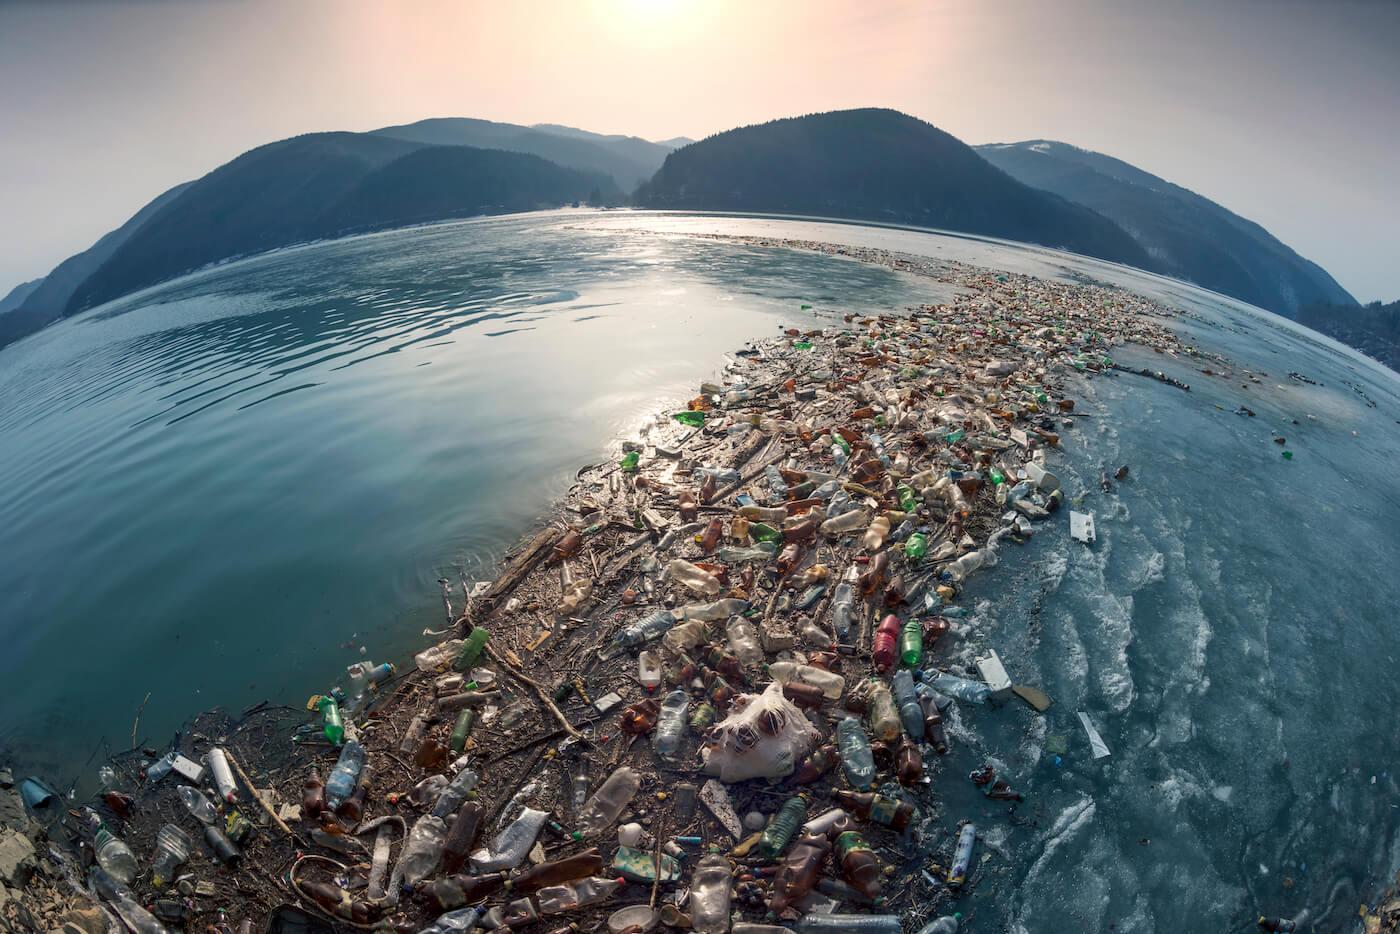 増え続ける海洋ごみ】マイクロプラスチックが人体に与える影響は?東京 ...